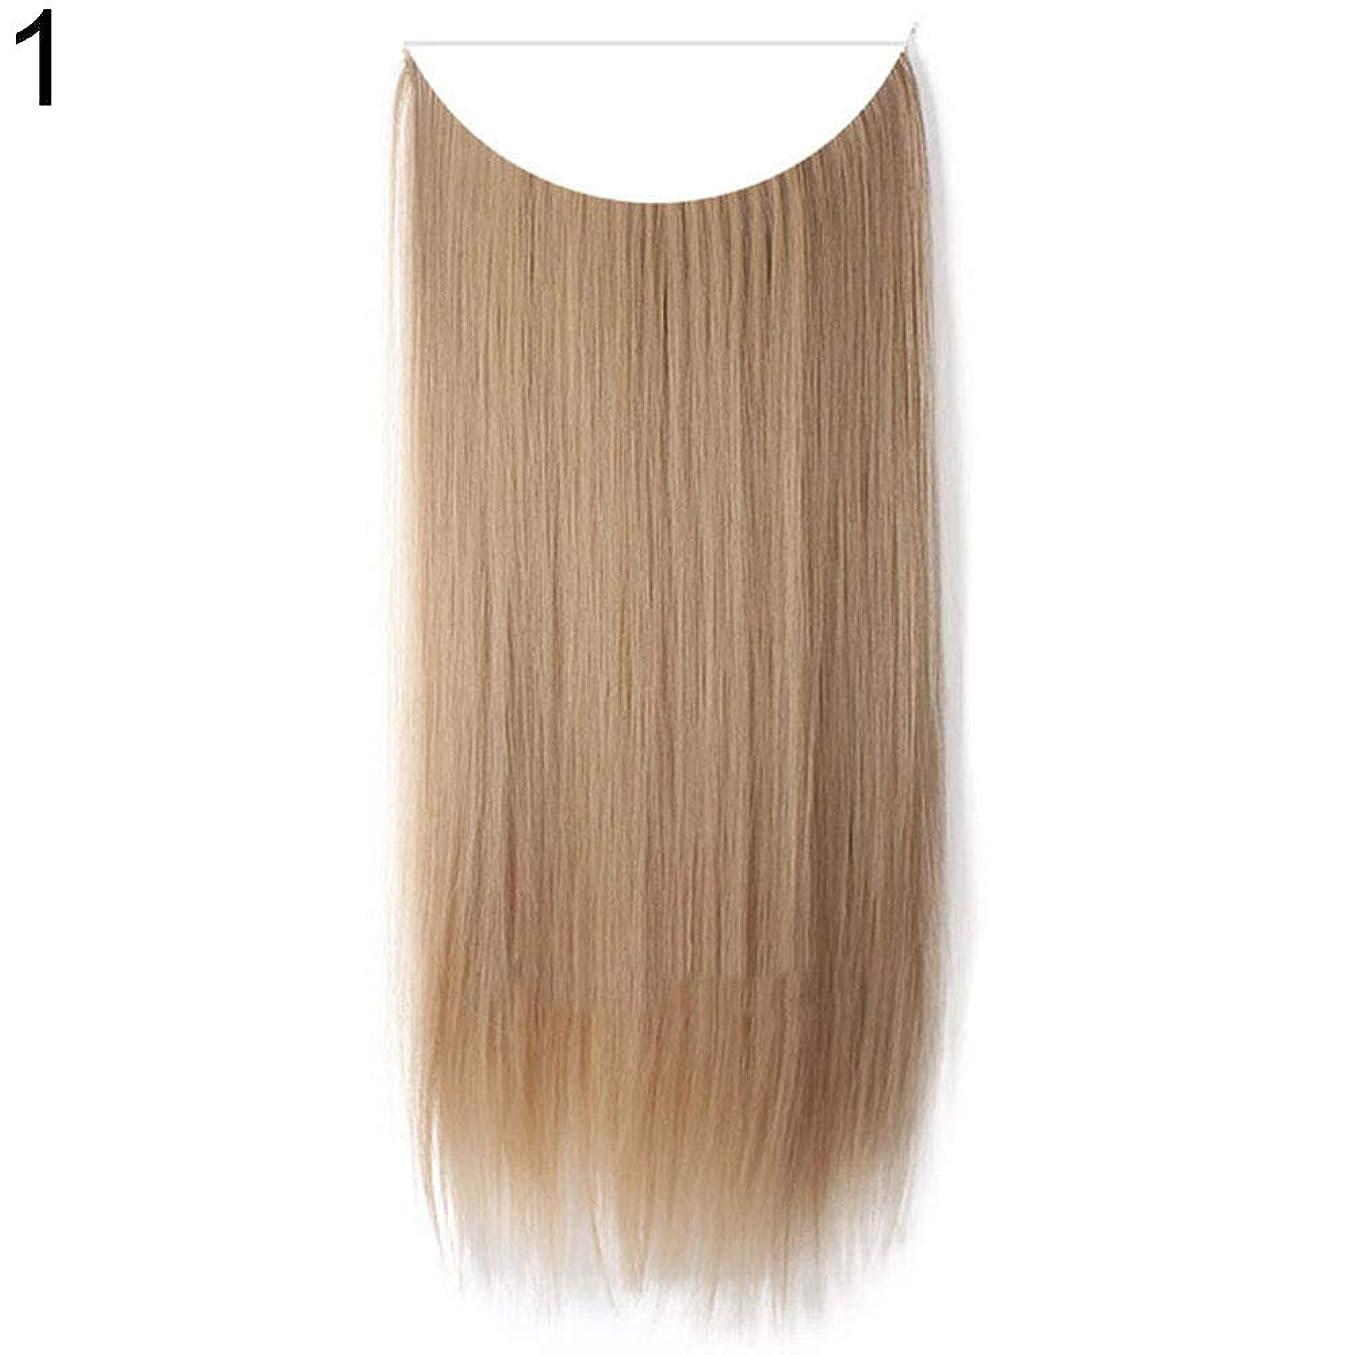 修正する書き出す異議slQinjiansav女性ウィッグ収納コンテナ22インチ女性ロングストレート/カーリーワイヤーヘッドバンドウィッグ目に見えない髪の延長